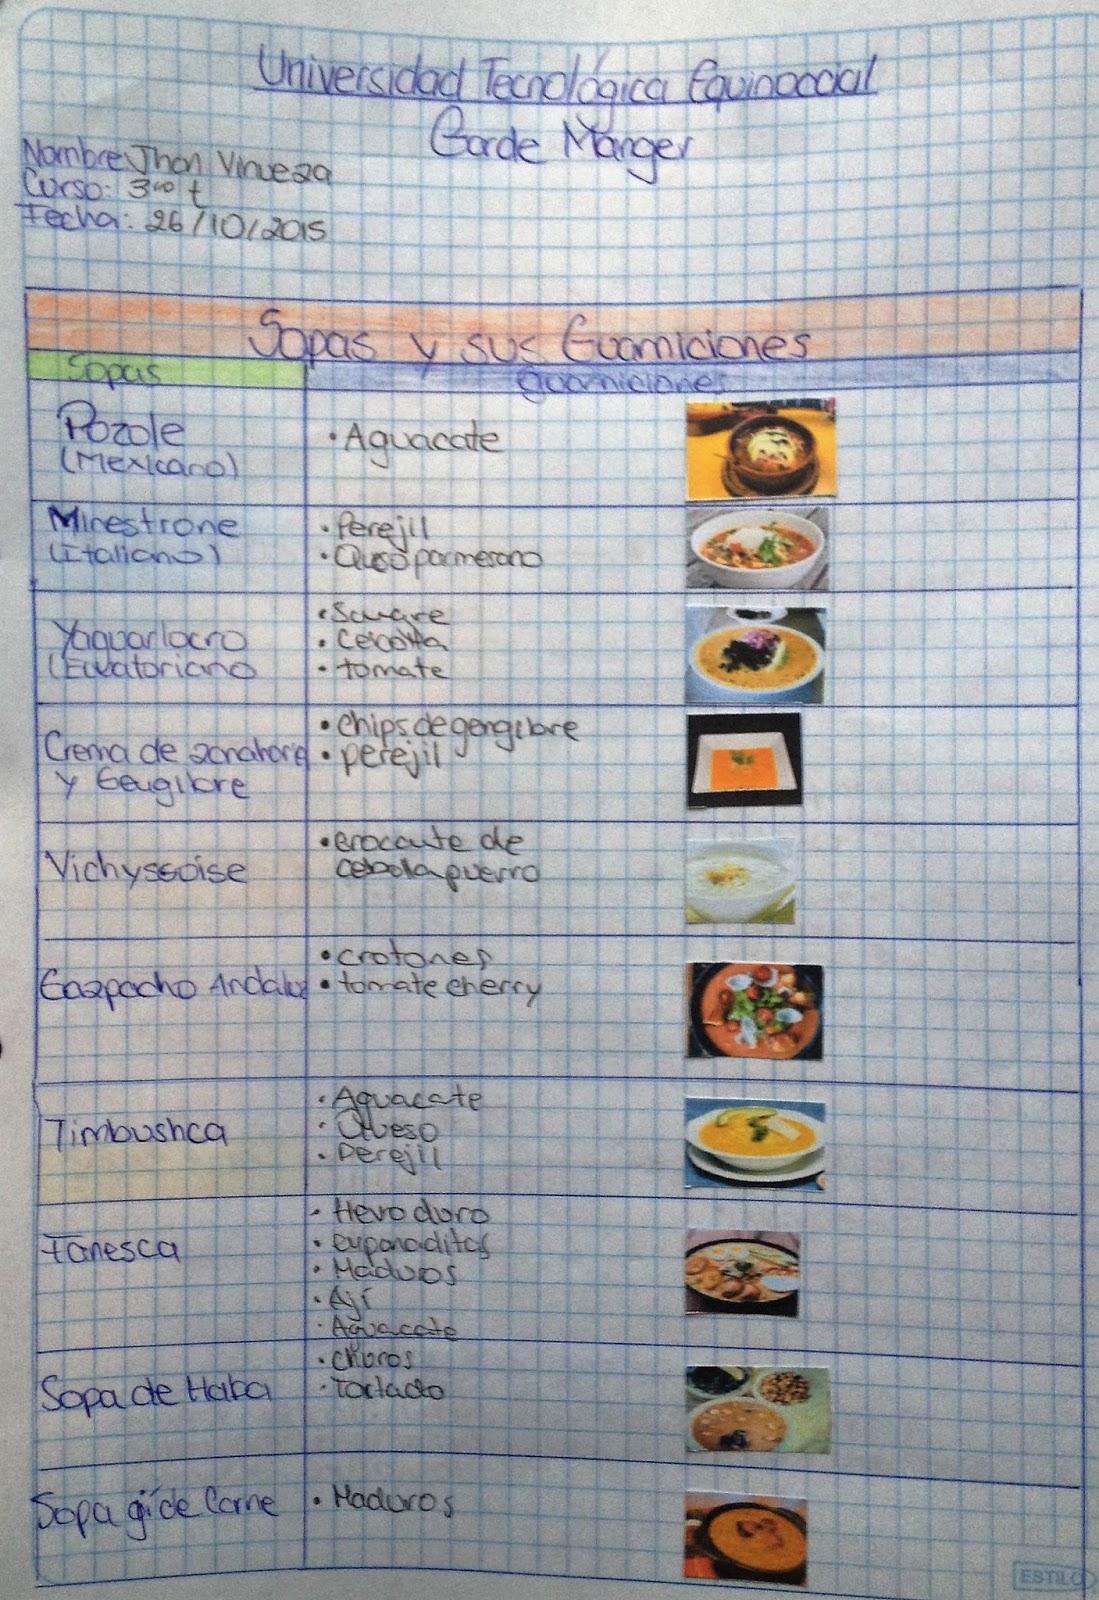 Garde manger sopas fras guarnicionesclasificacin y diagrama de sopas fras guarnicionesclasificacin y diagrama de flujos de las sopas ccuart Gallery